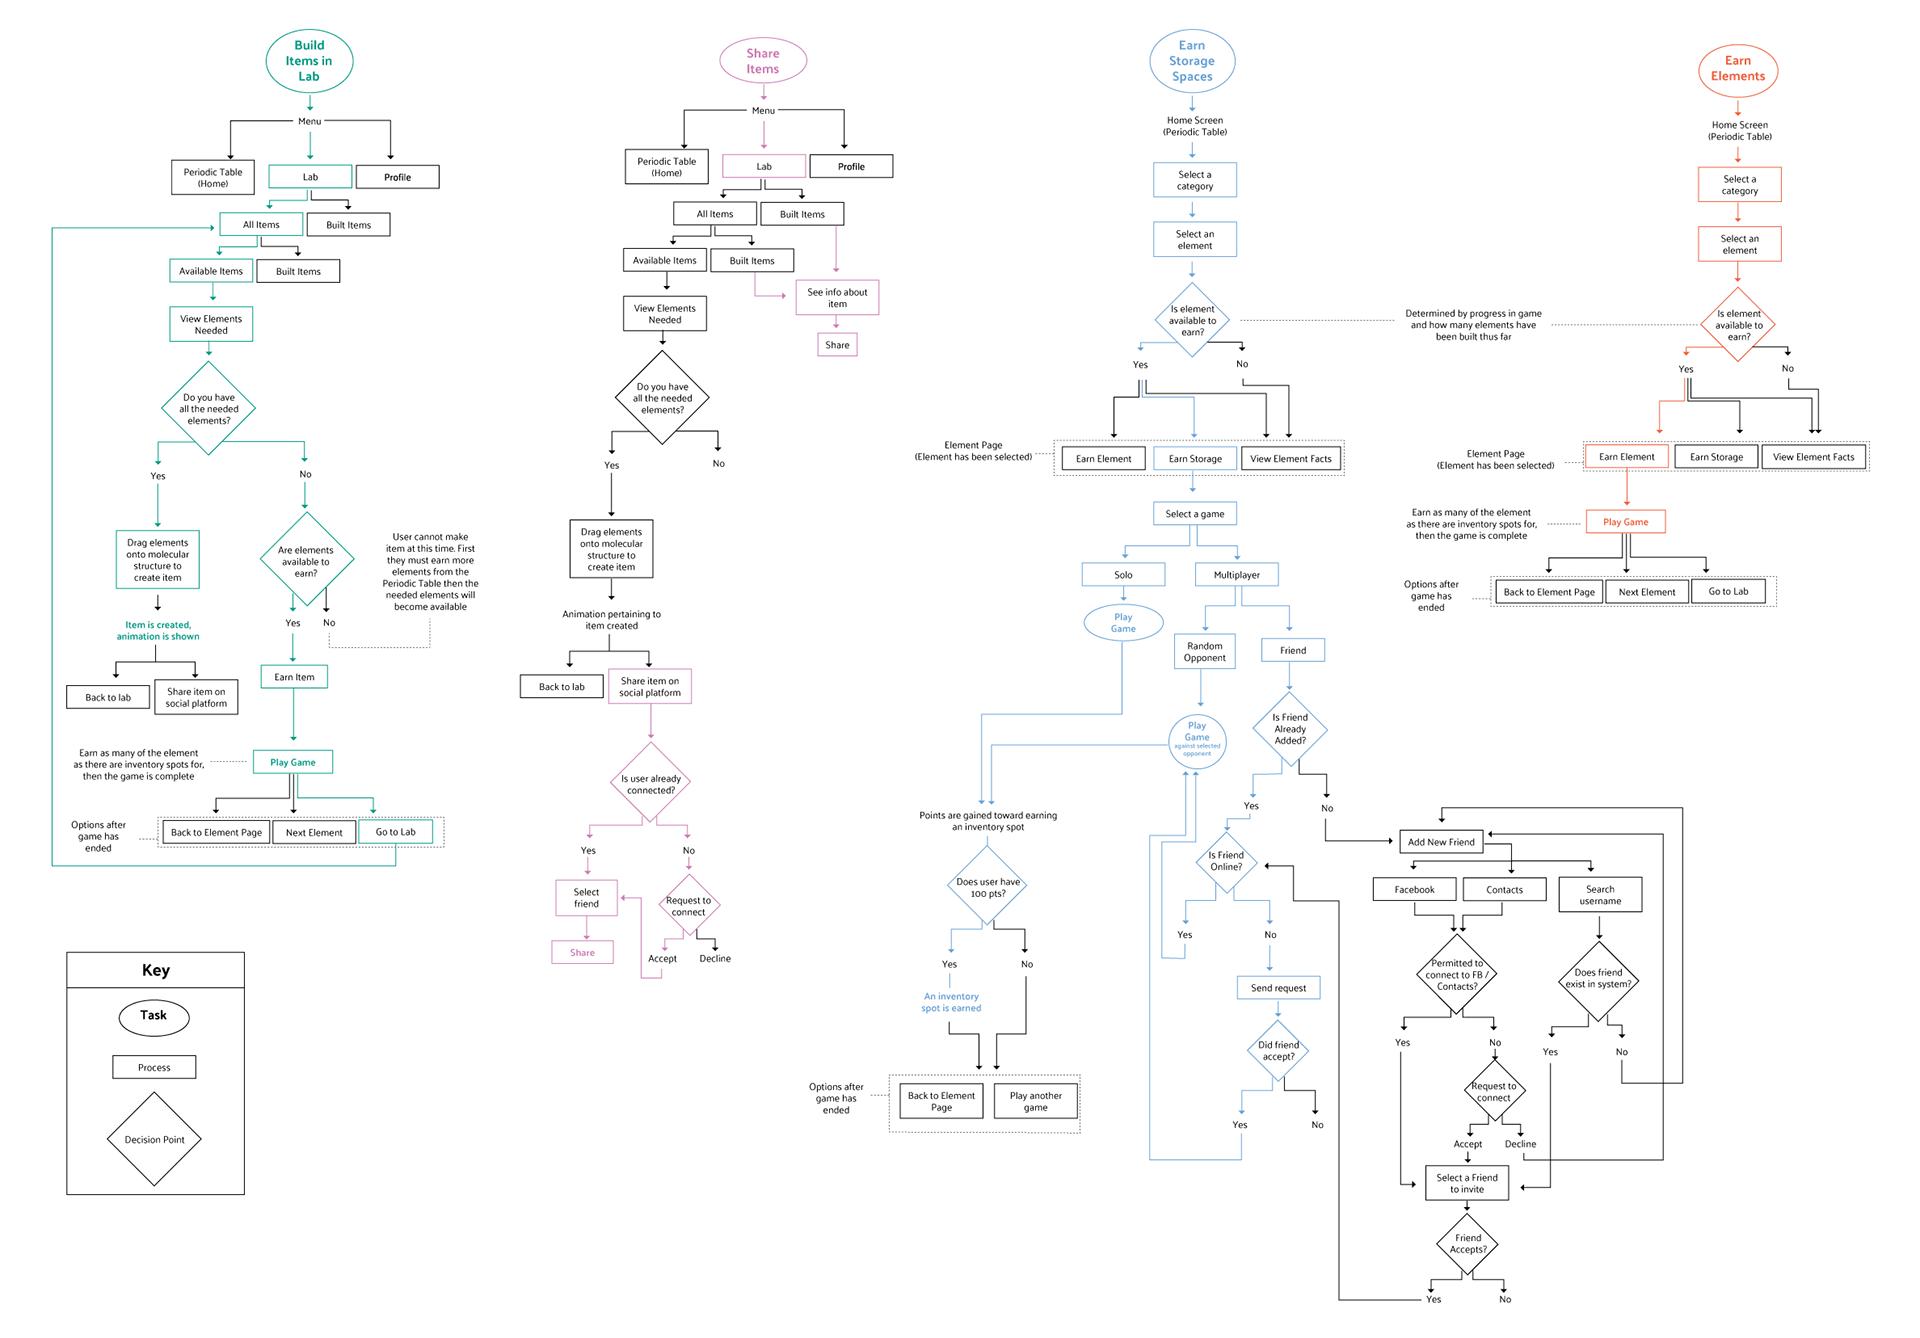 Taskflow